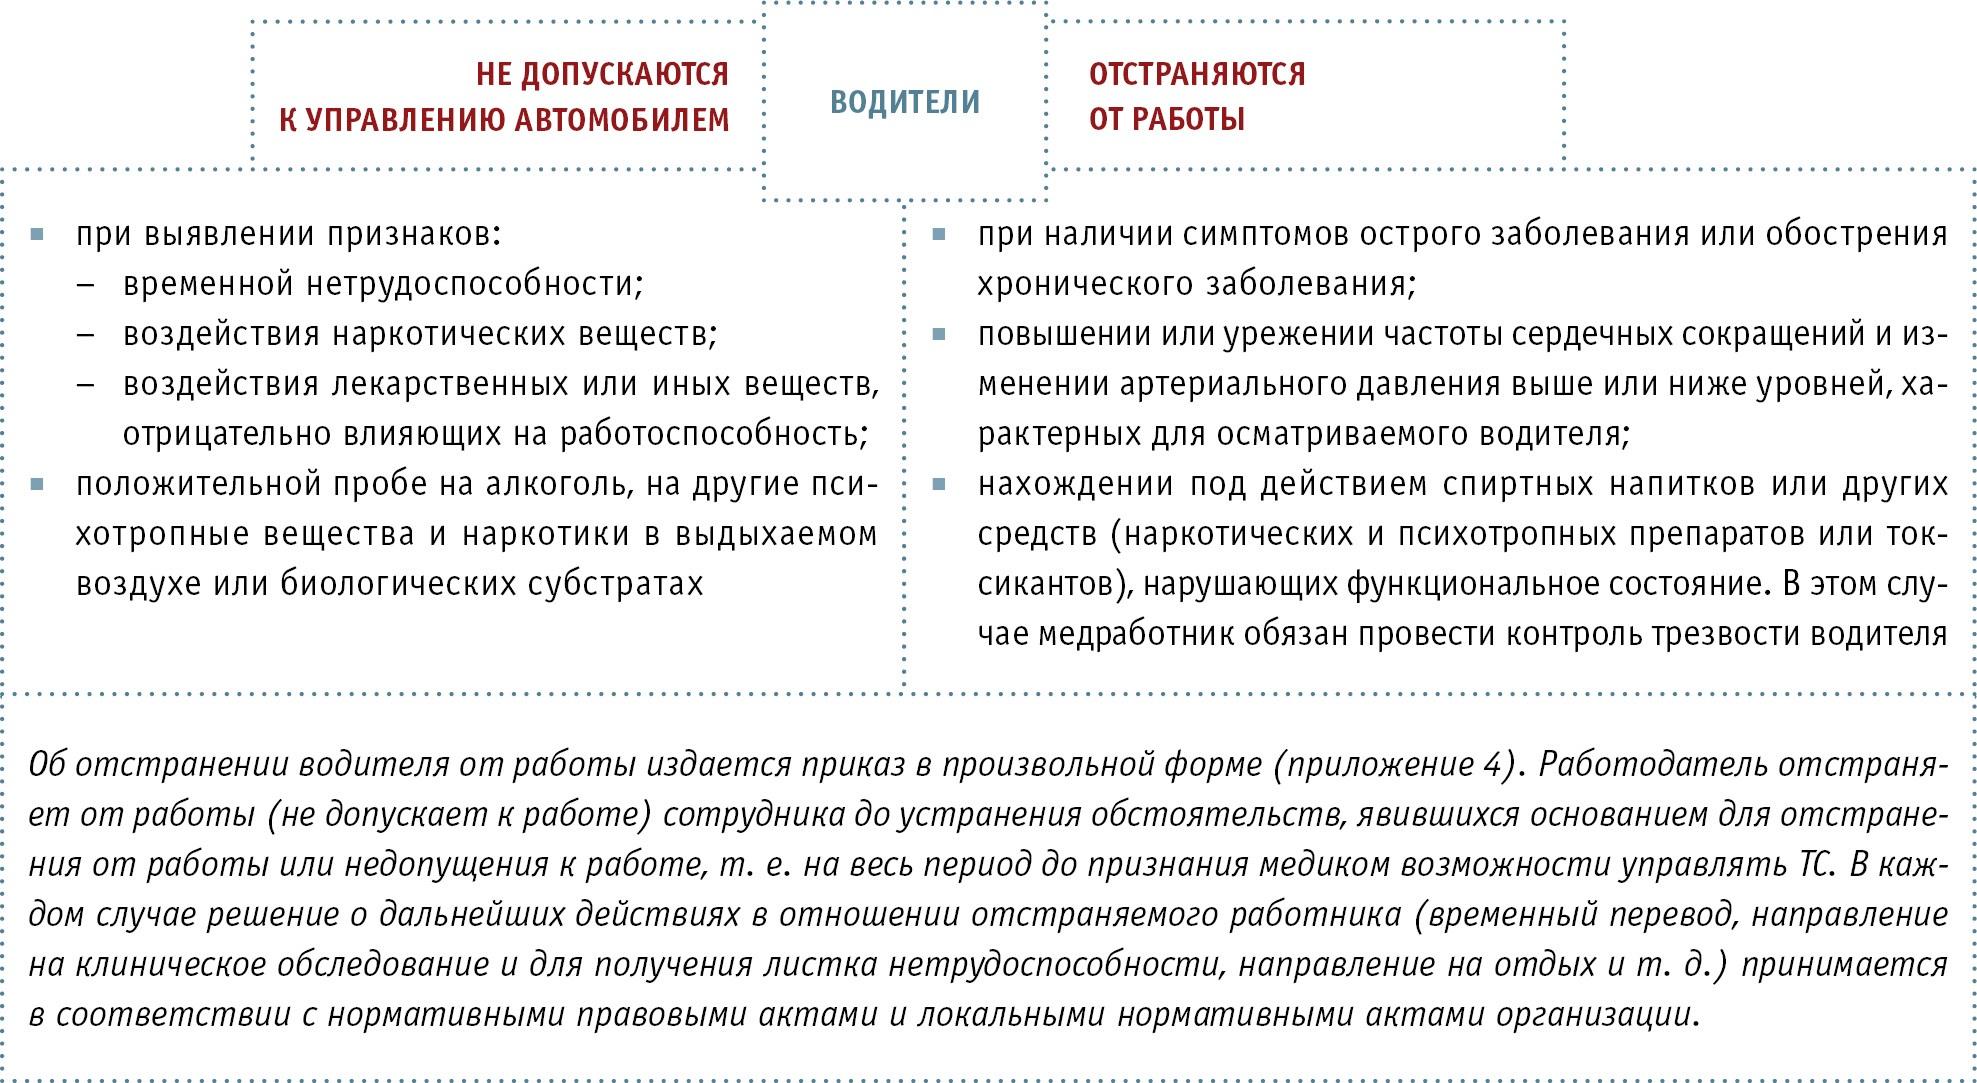 содержание журнал трудовое право 2008г.№4